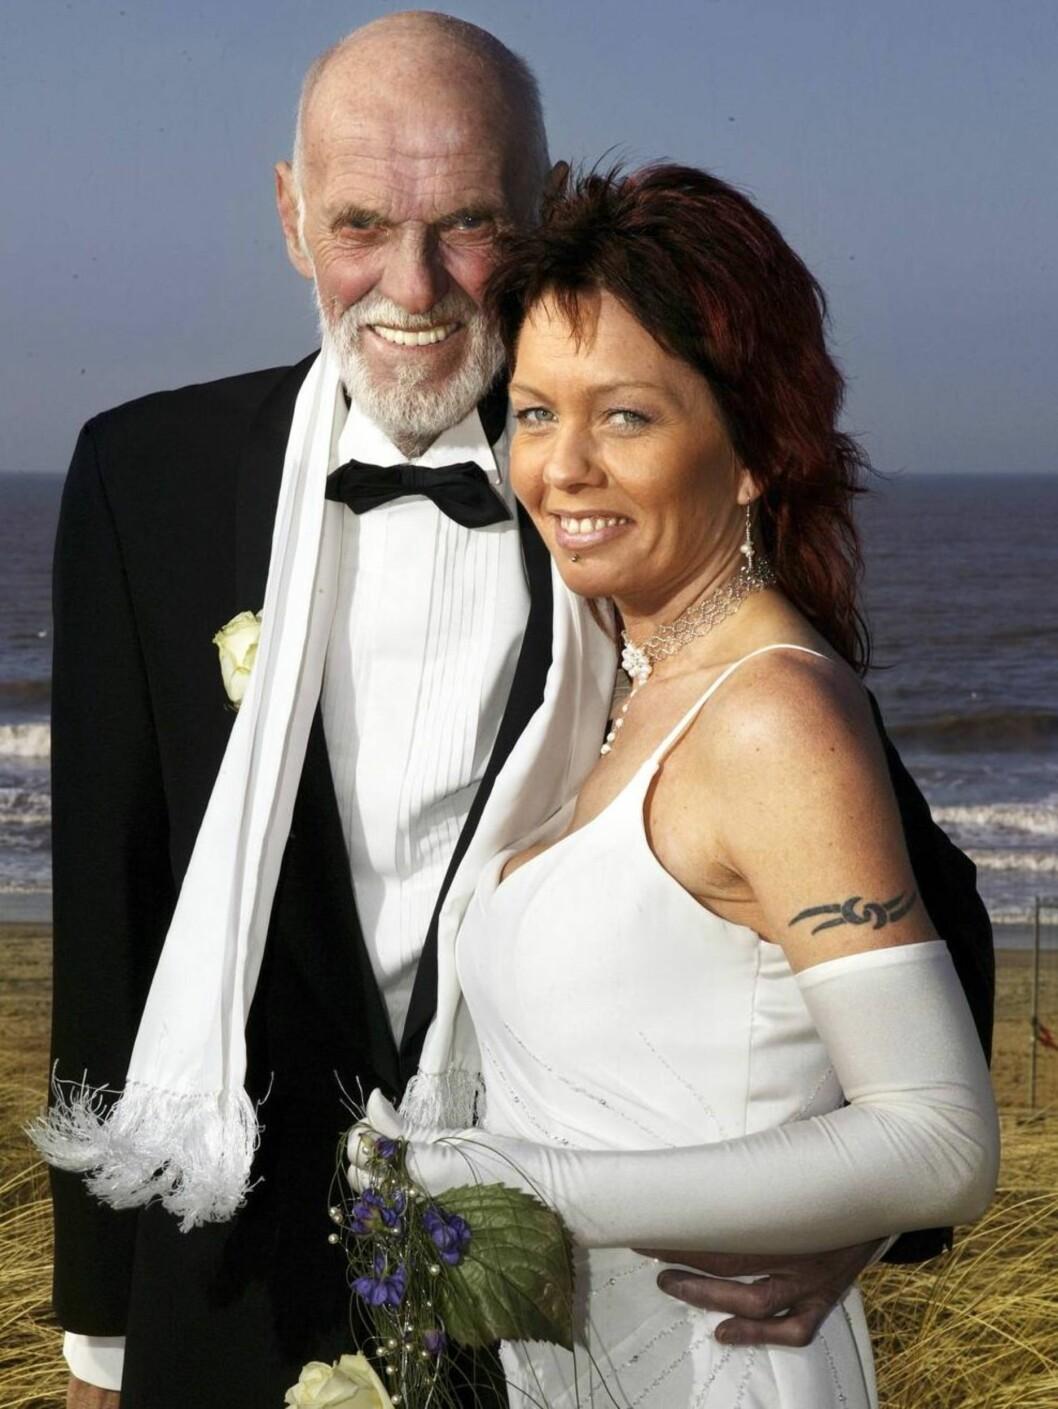 <strong>SEPARERT:</strong> 11. mars i fjor giftet Sven O. Høiby seg med eks-stripperen Renate. Men ekteskapet varte bare i tre måneder Foto: Se og Hør